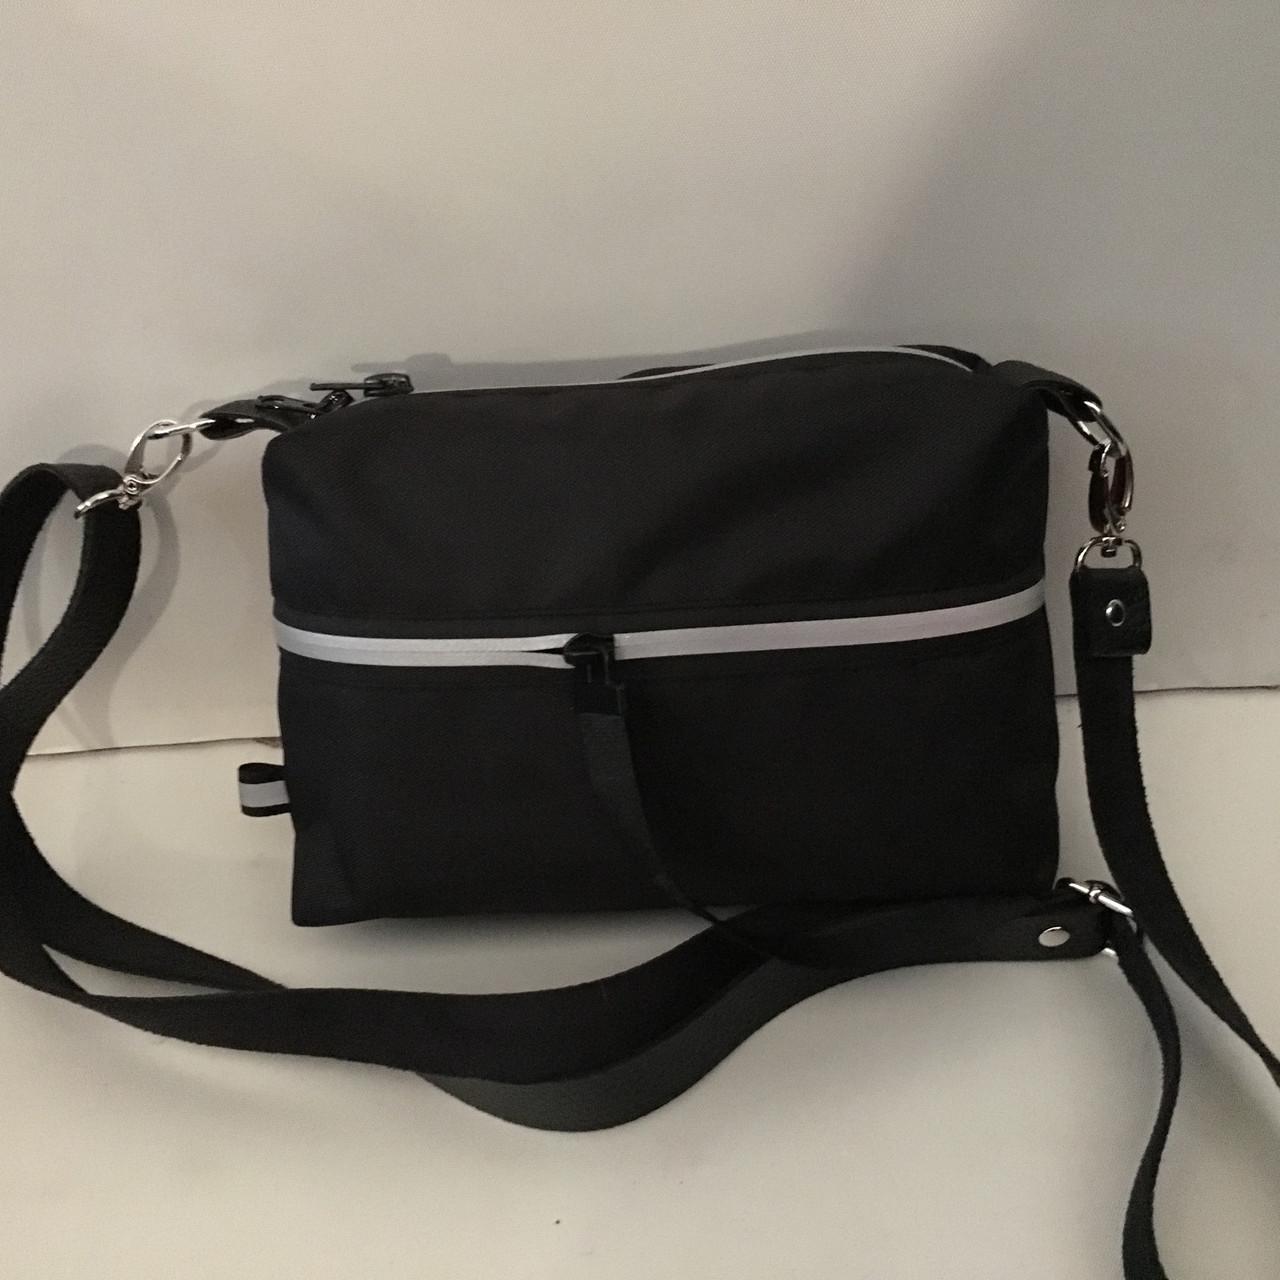 5368bac73911 Клатч женский оригинальный НОВИНКА сумка LevI